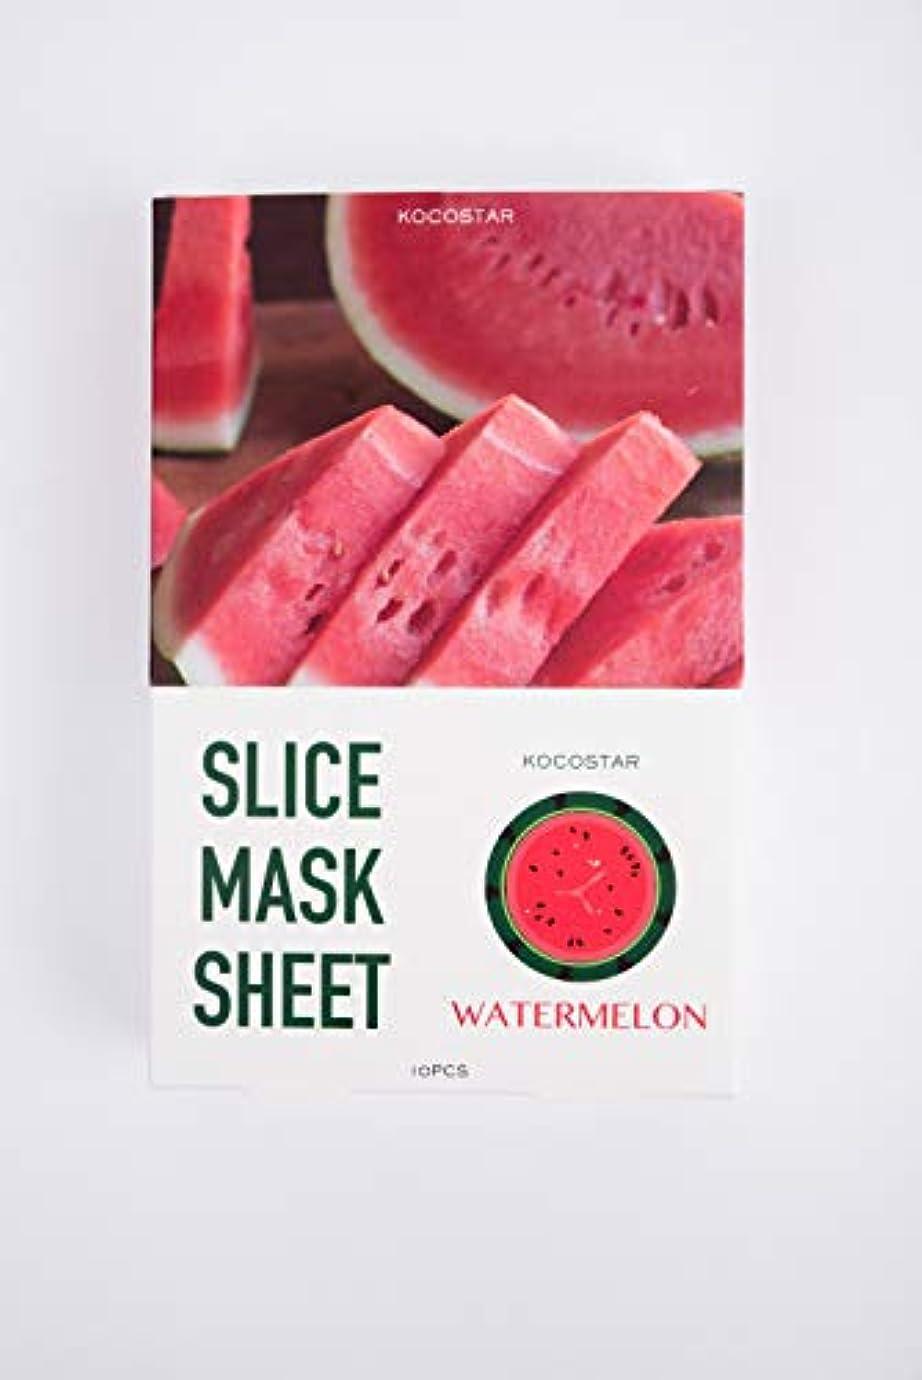 シビック計画的マイルKOCOSTAR Slice Mask Sheet - Watermelon 10sheets並行輸入品